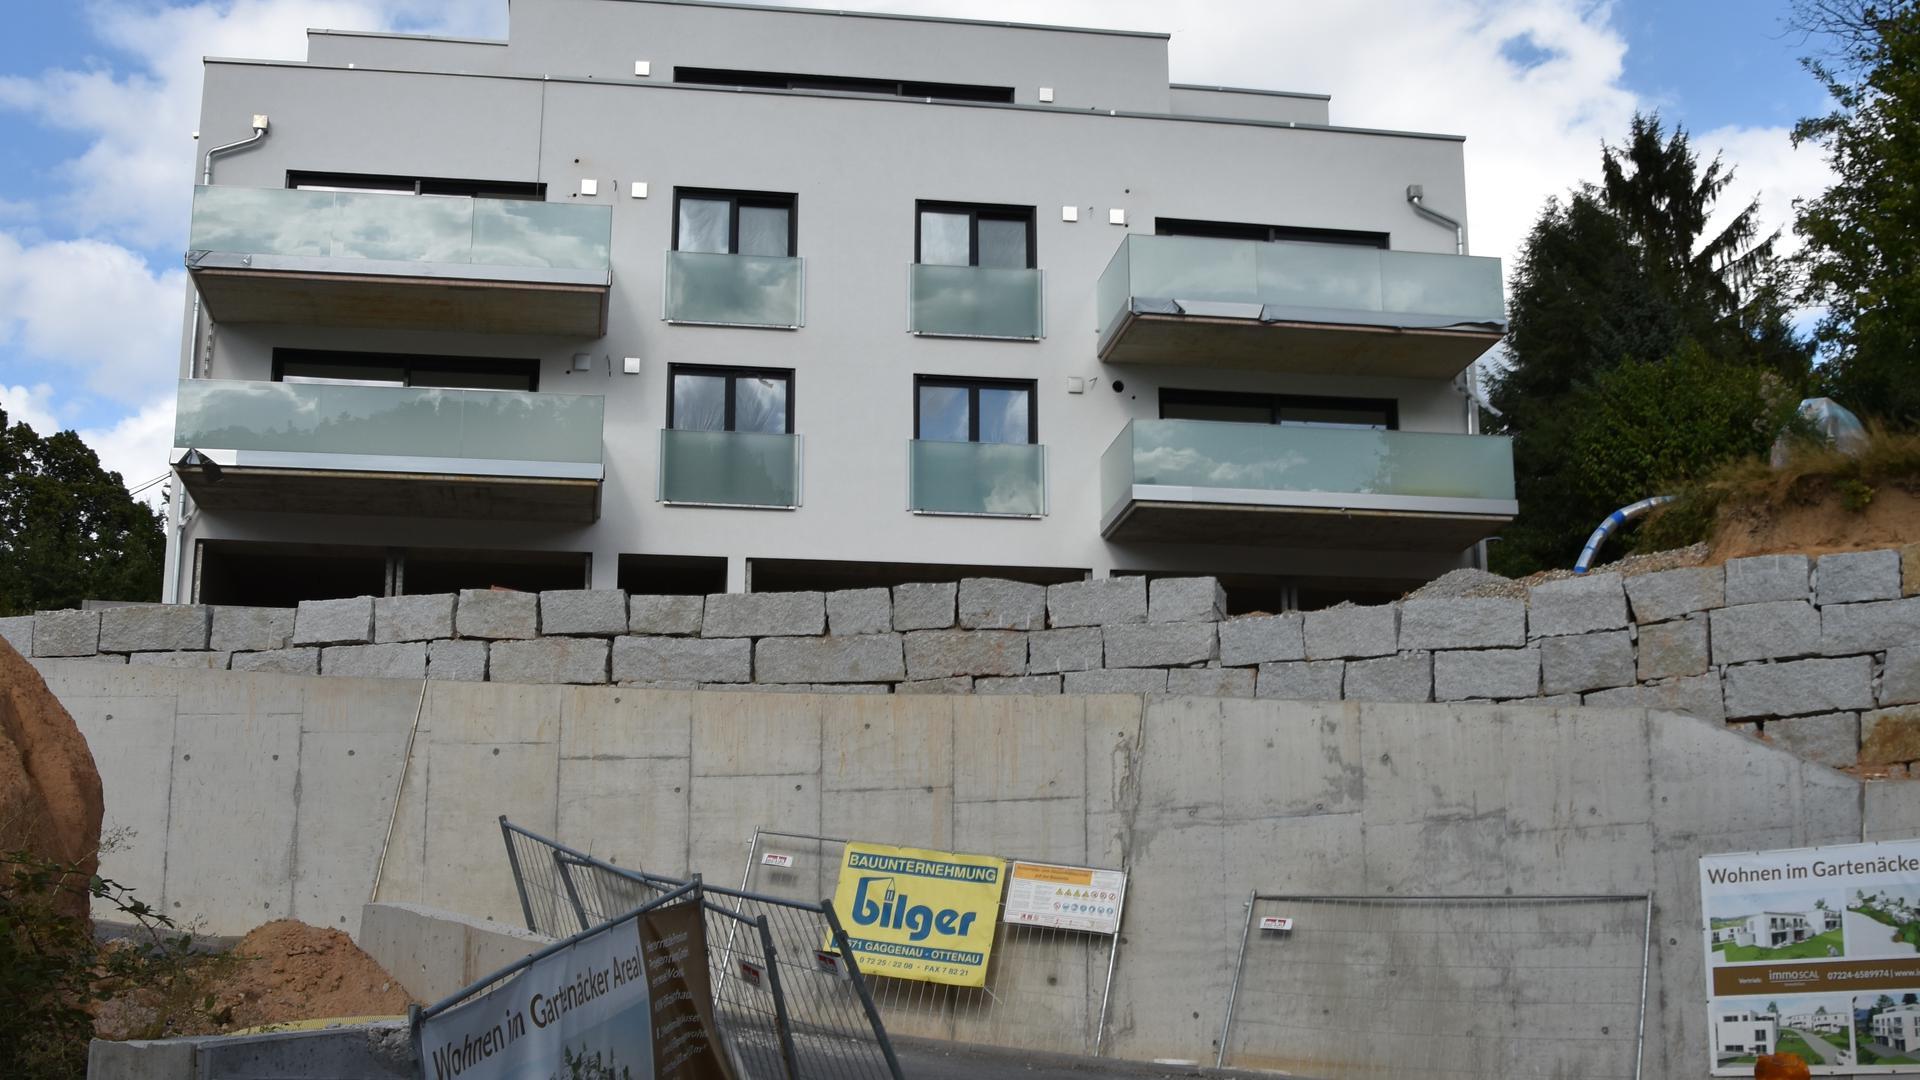 """Baustelle in Scheuern. Entlang der Scheuerner Straße entsteht das neue schicke Areal """"Gartenäcker"""". Hier sollen zwei Mehrfamilienhäuser sowie vier Einzelhäuser und zwei Doppelhaushälften gebaut werden, die über die in Bau befindliche, steile Erschließungsstraße erschlossen werden."""